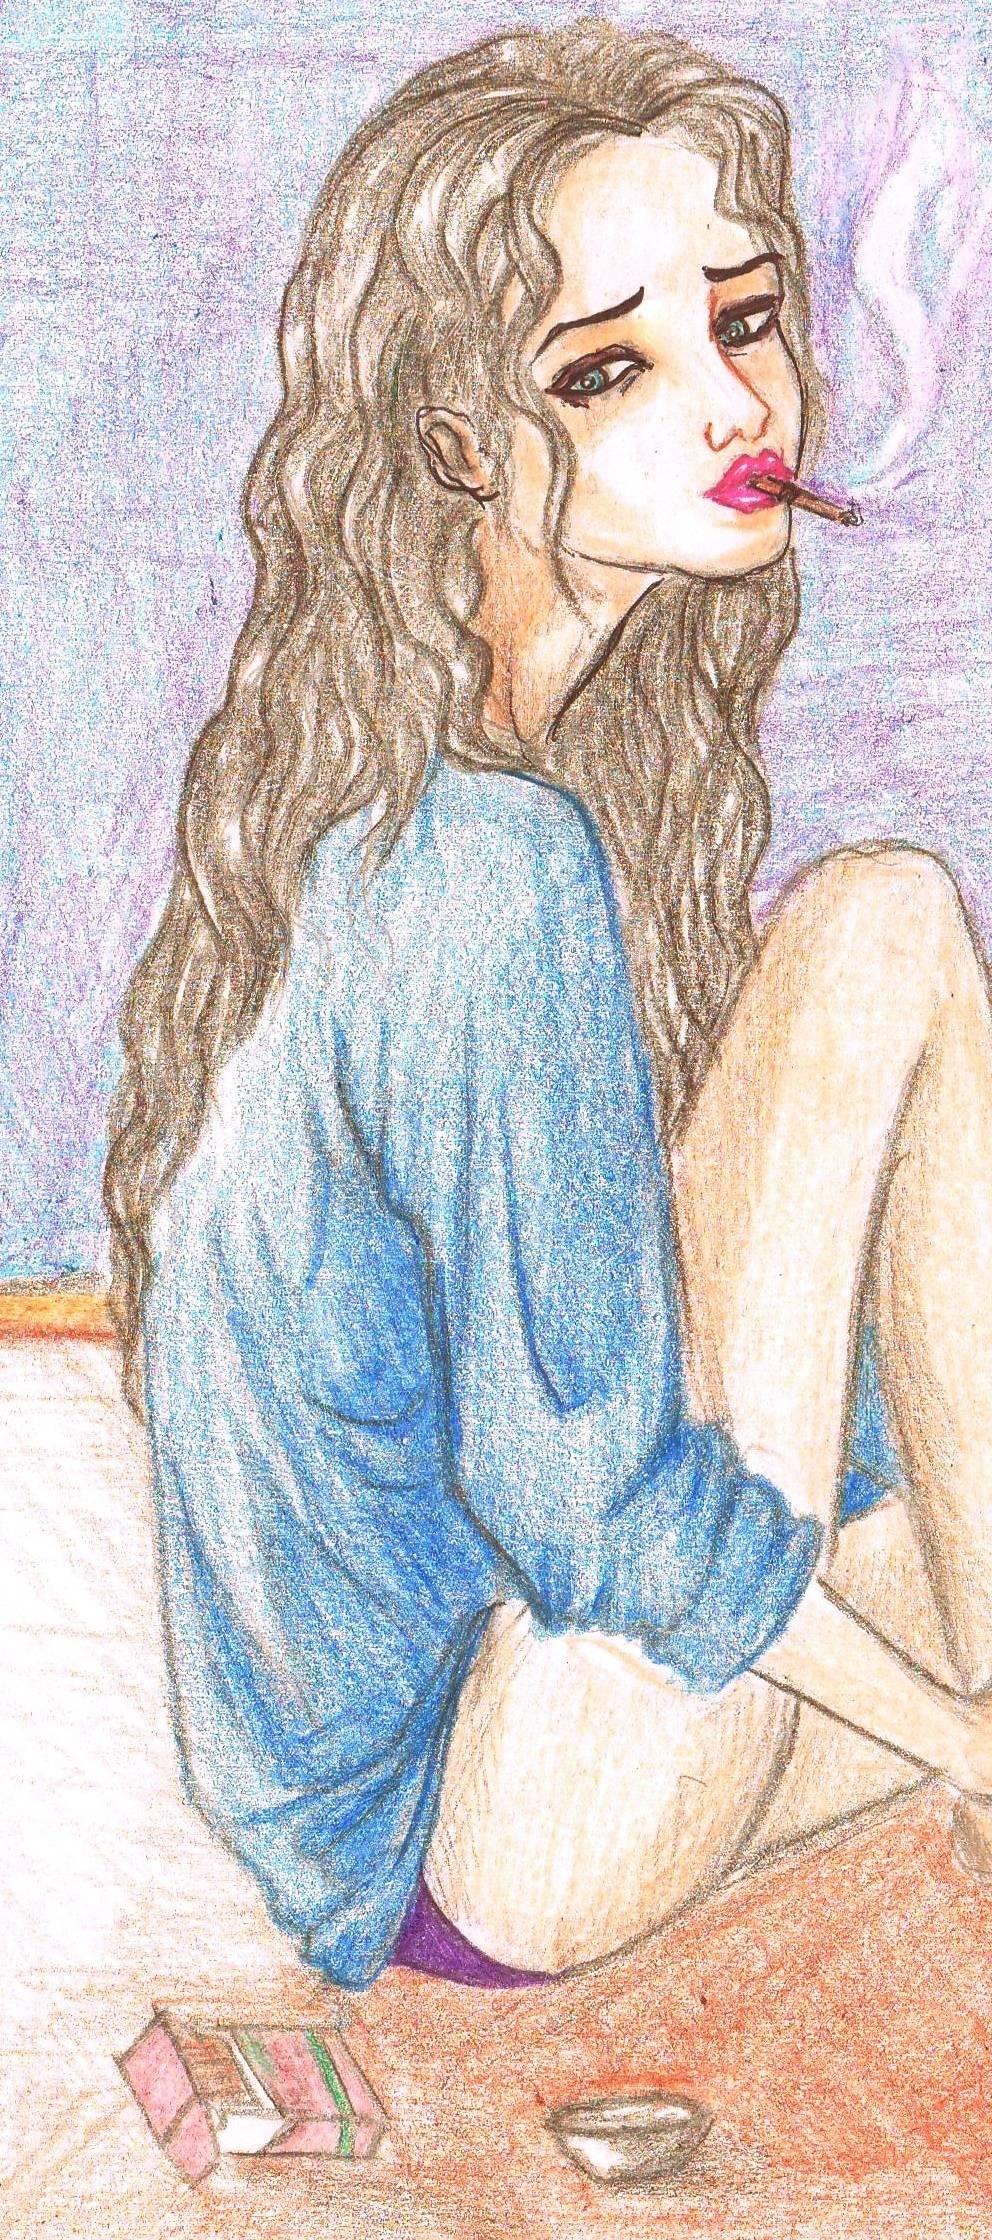 Девушка с сигаретой - депрессия